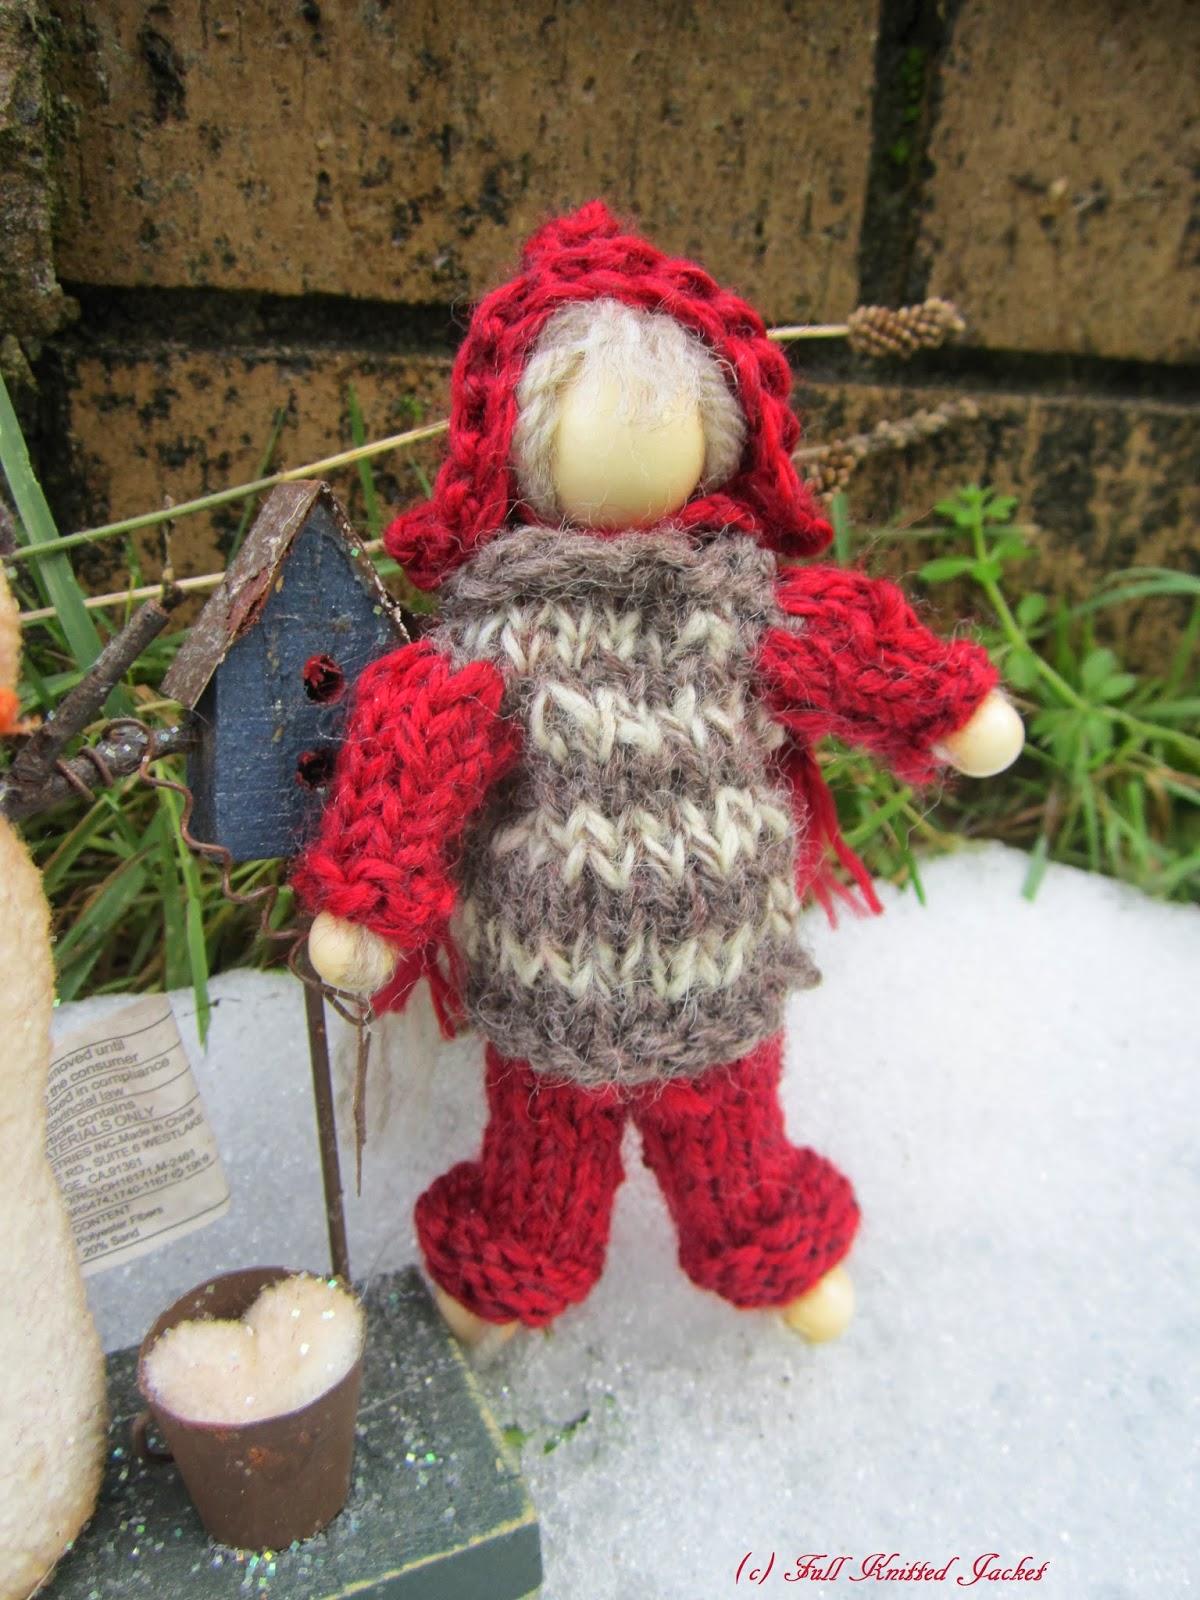 Knitting Pattern For Kindness Elves : Full Knitted Jacket